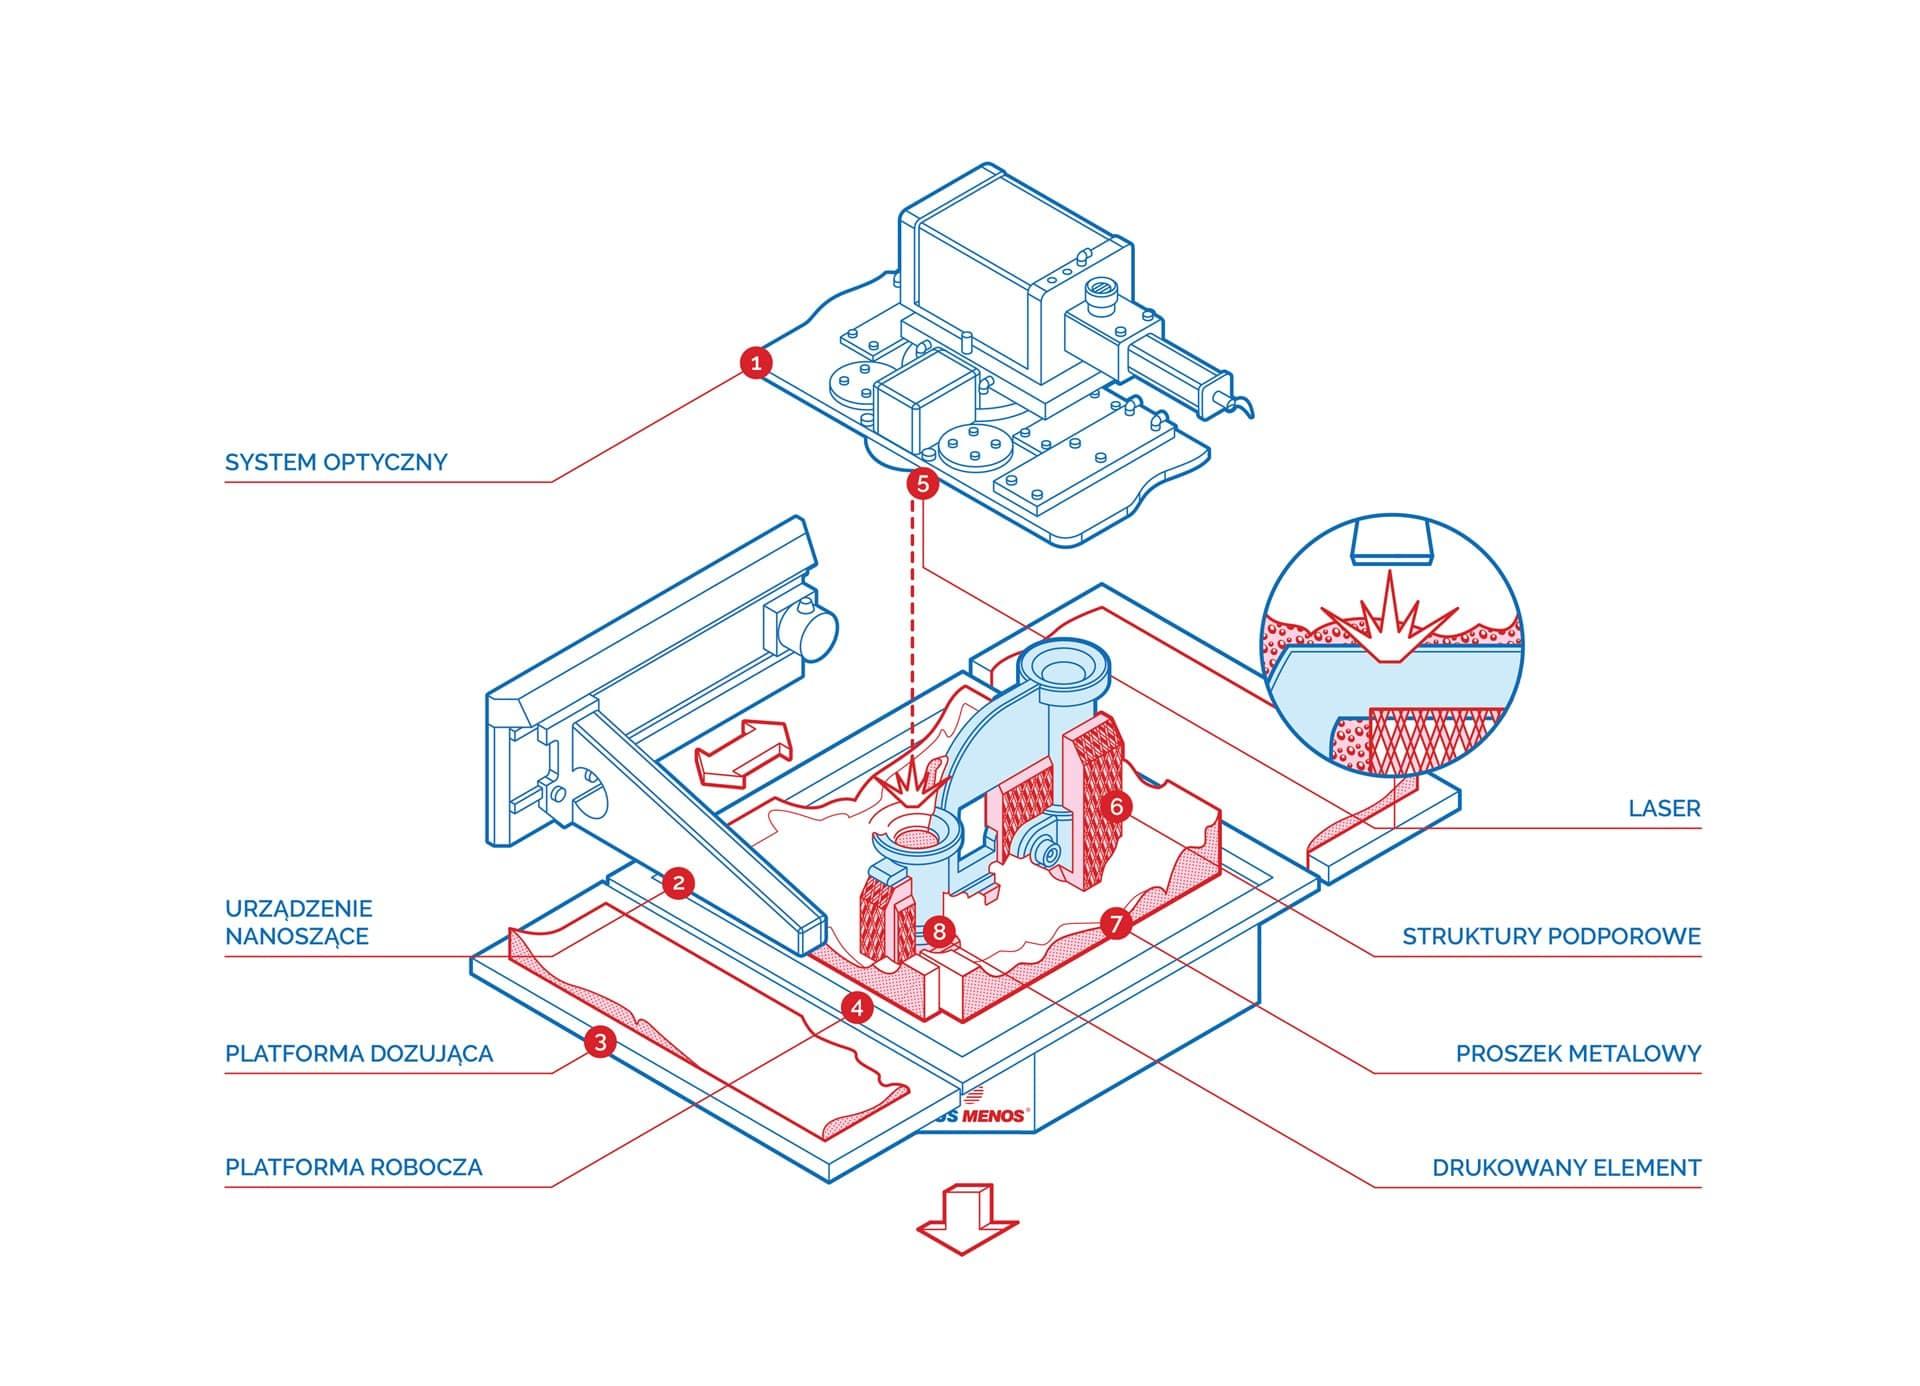 Technologia DMLS - schemat i zasada działania